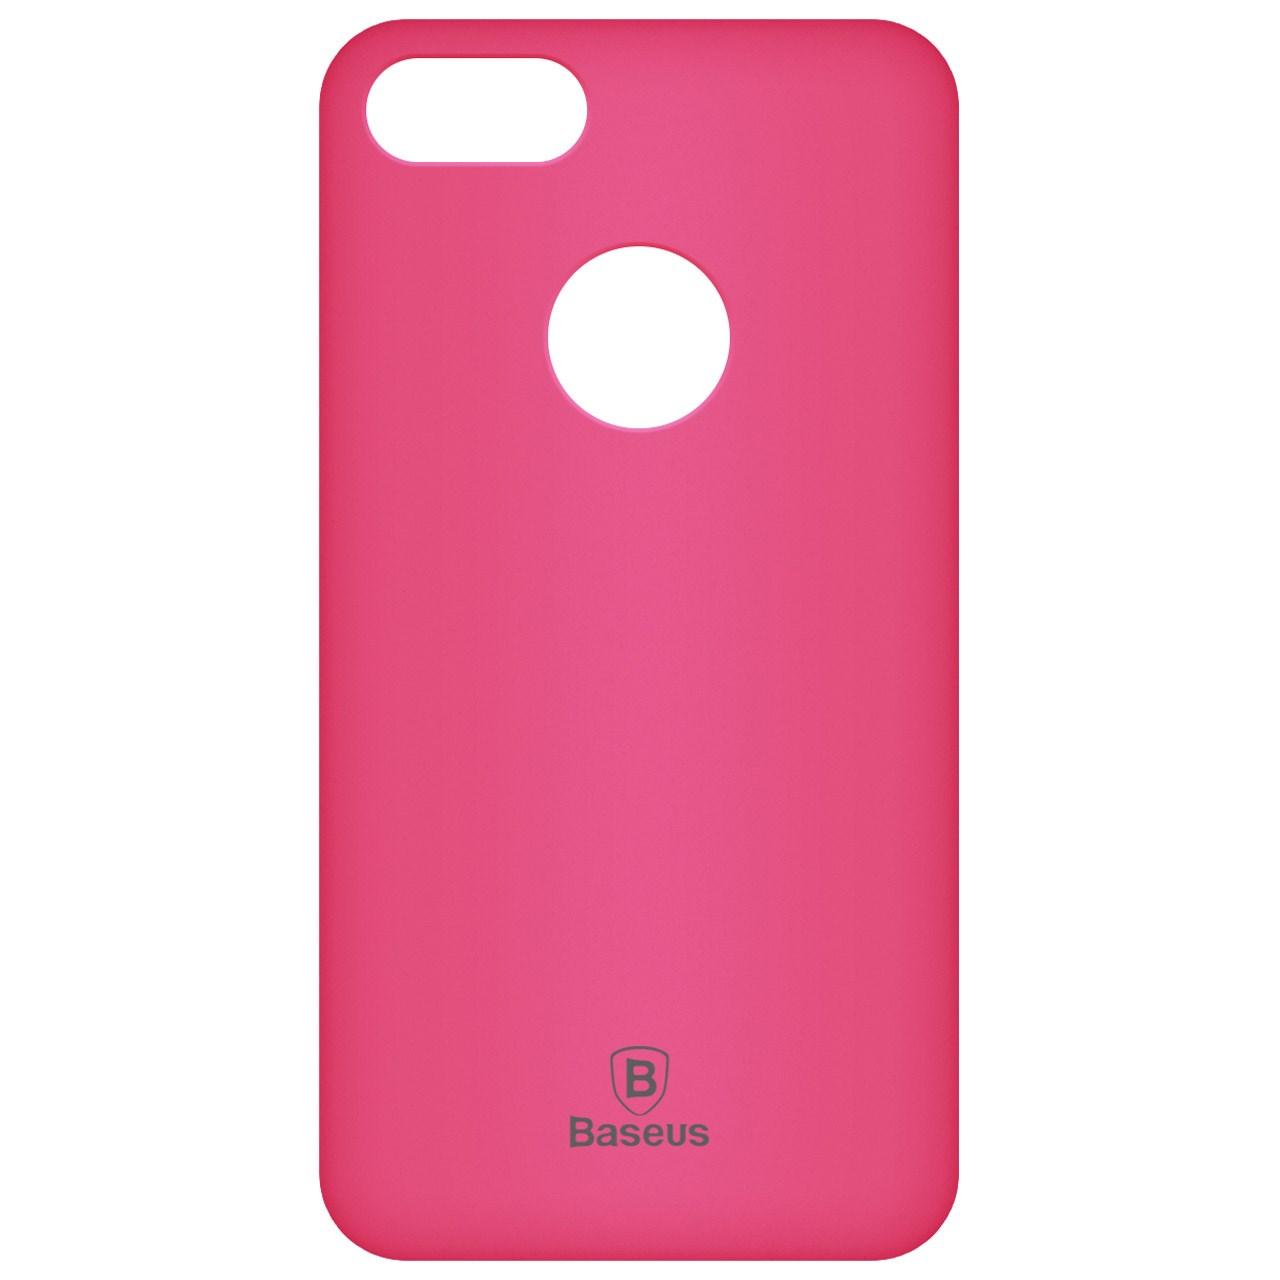 کاور ژله ای باسئوس مدل Soft Jelly مناسب برای گوشی موبایل اپل آیفون 8